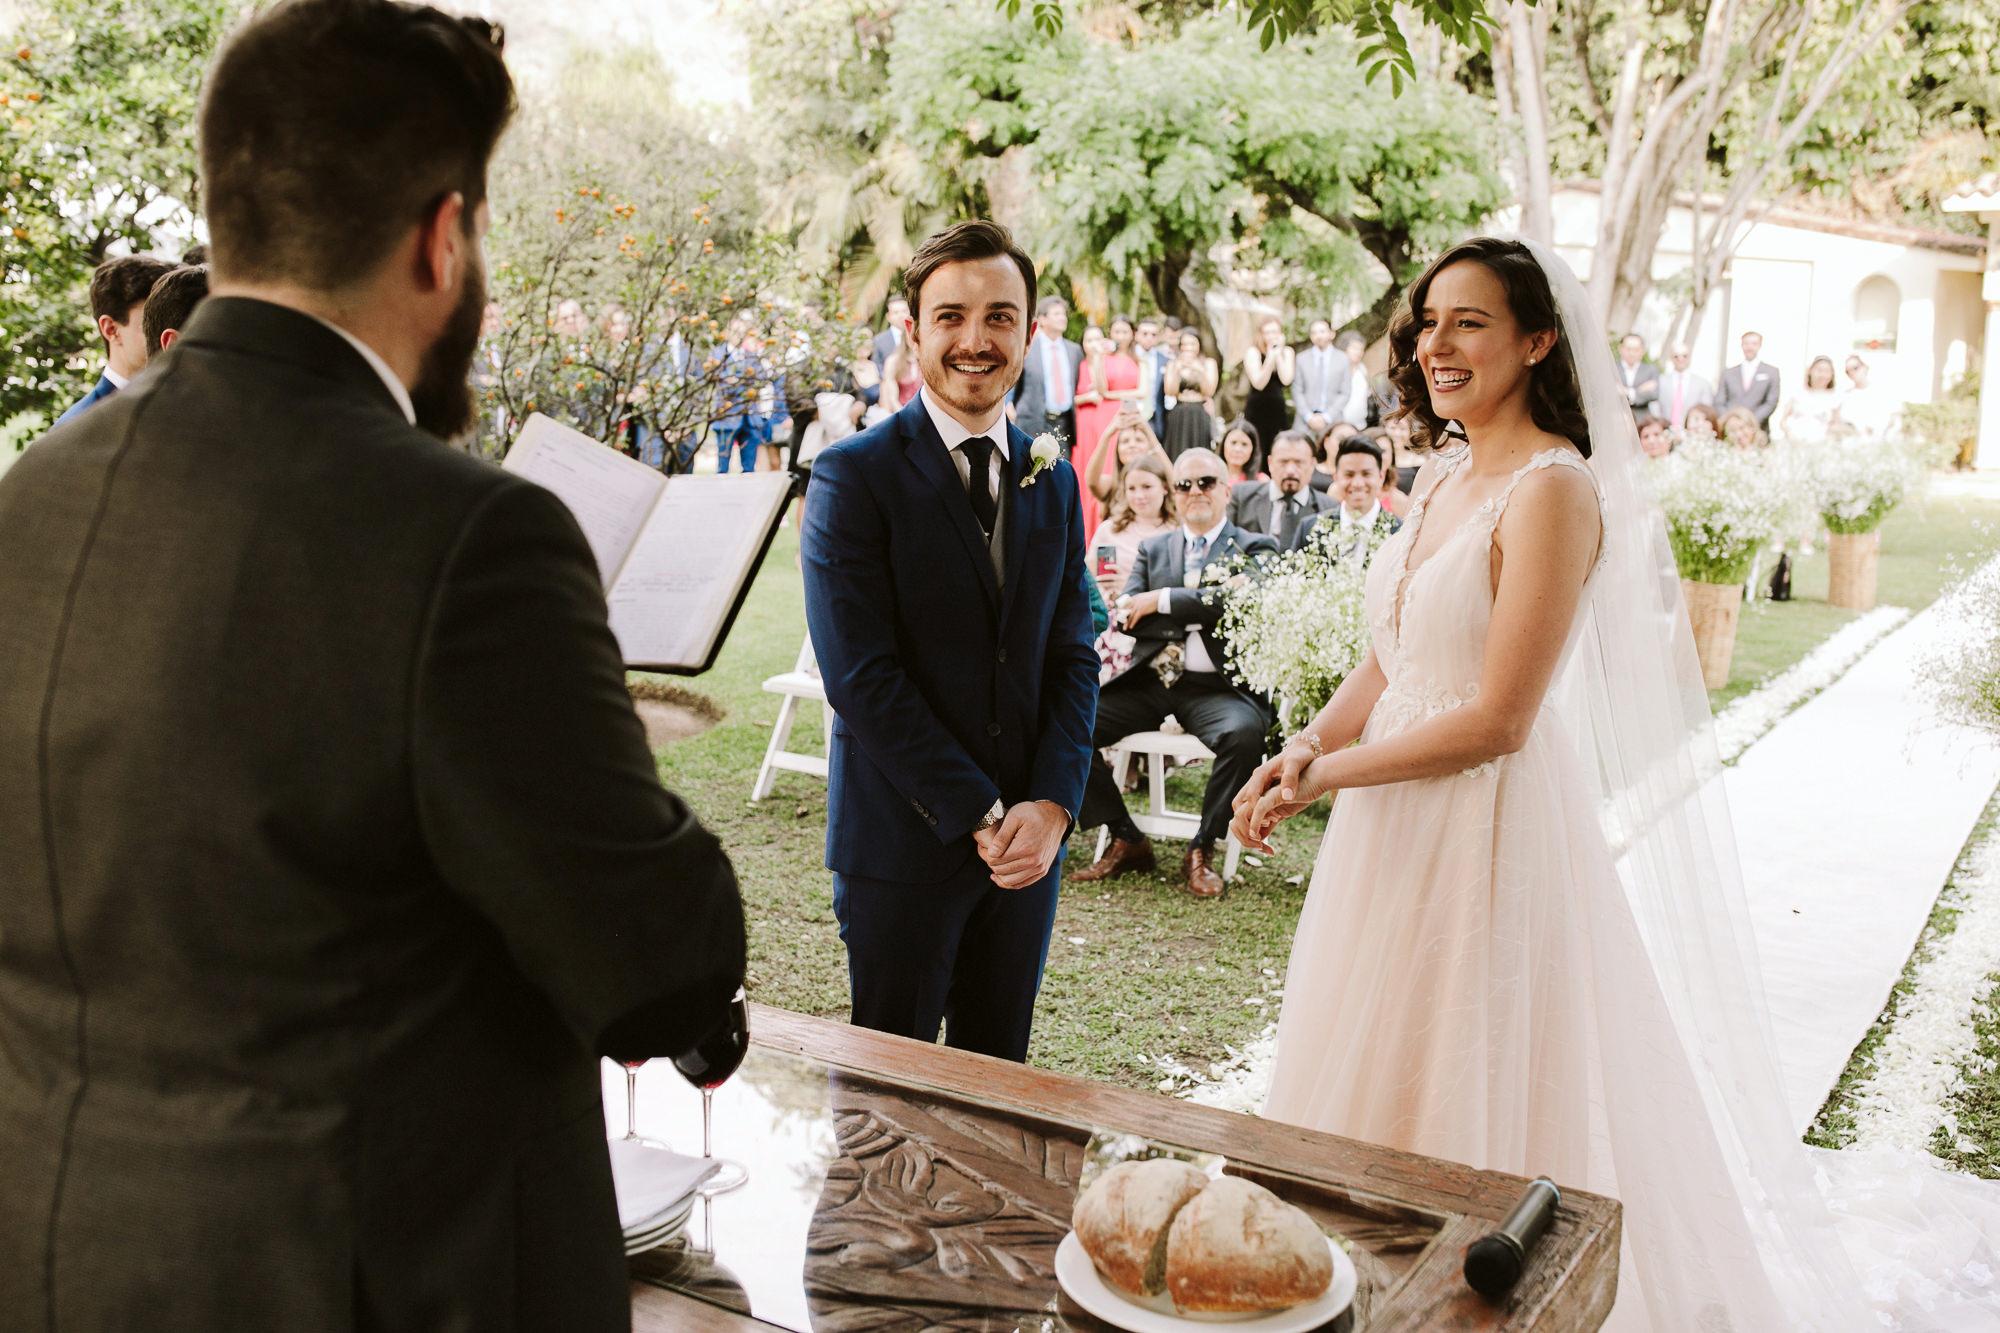 bodas_en_tepoztlan_casa_bugambilia_alfonso_flores_destination_wedding_photographer144.jpg